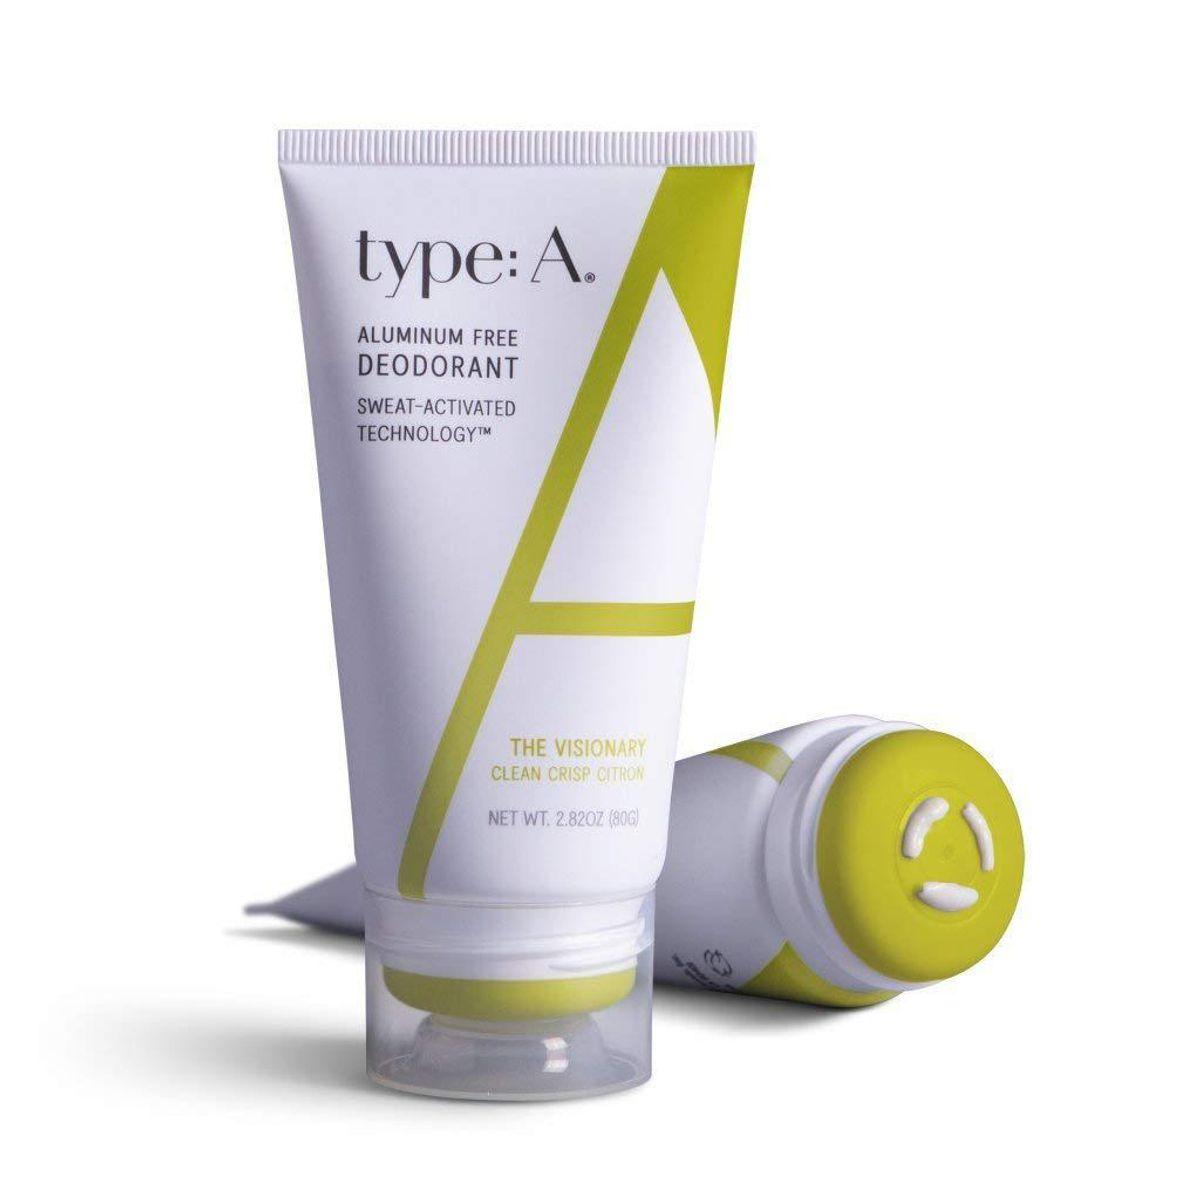 type a aluminum free deodorant